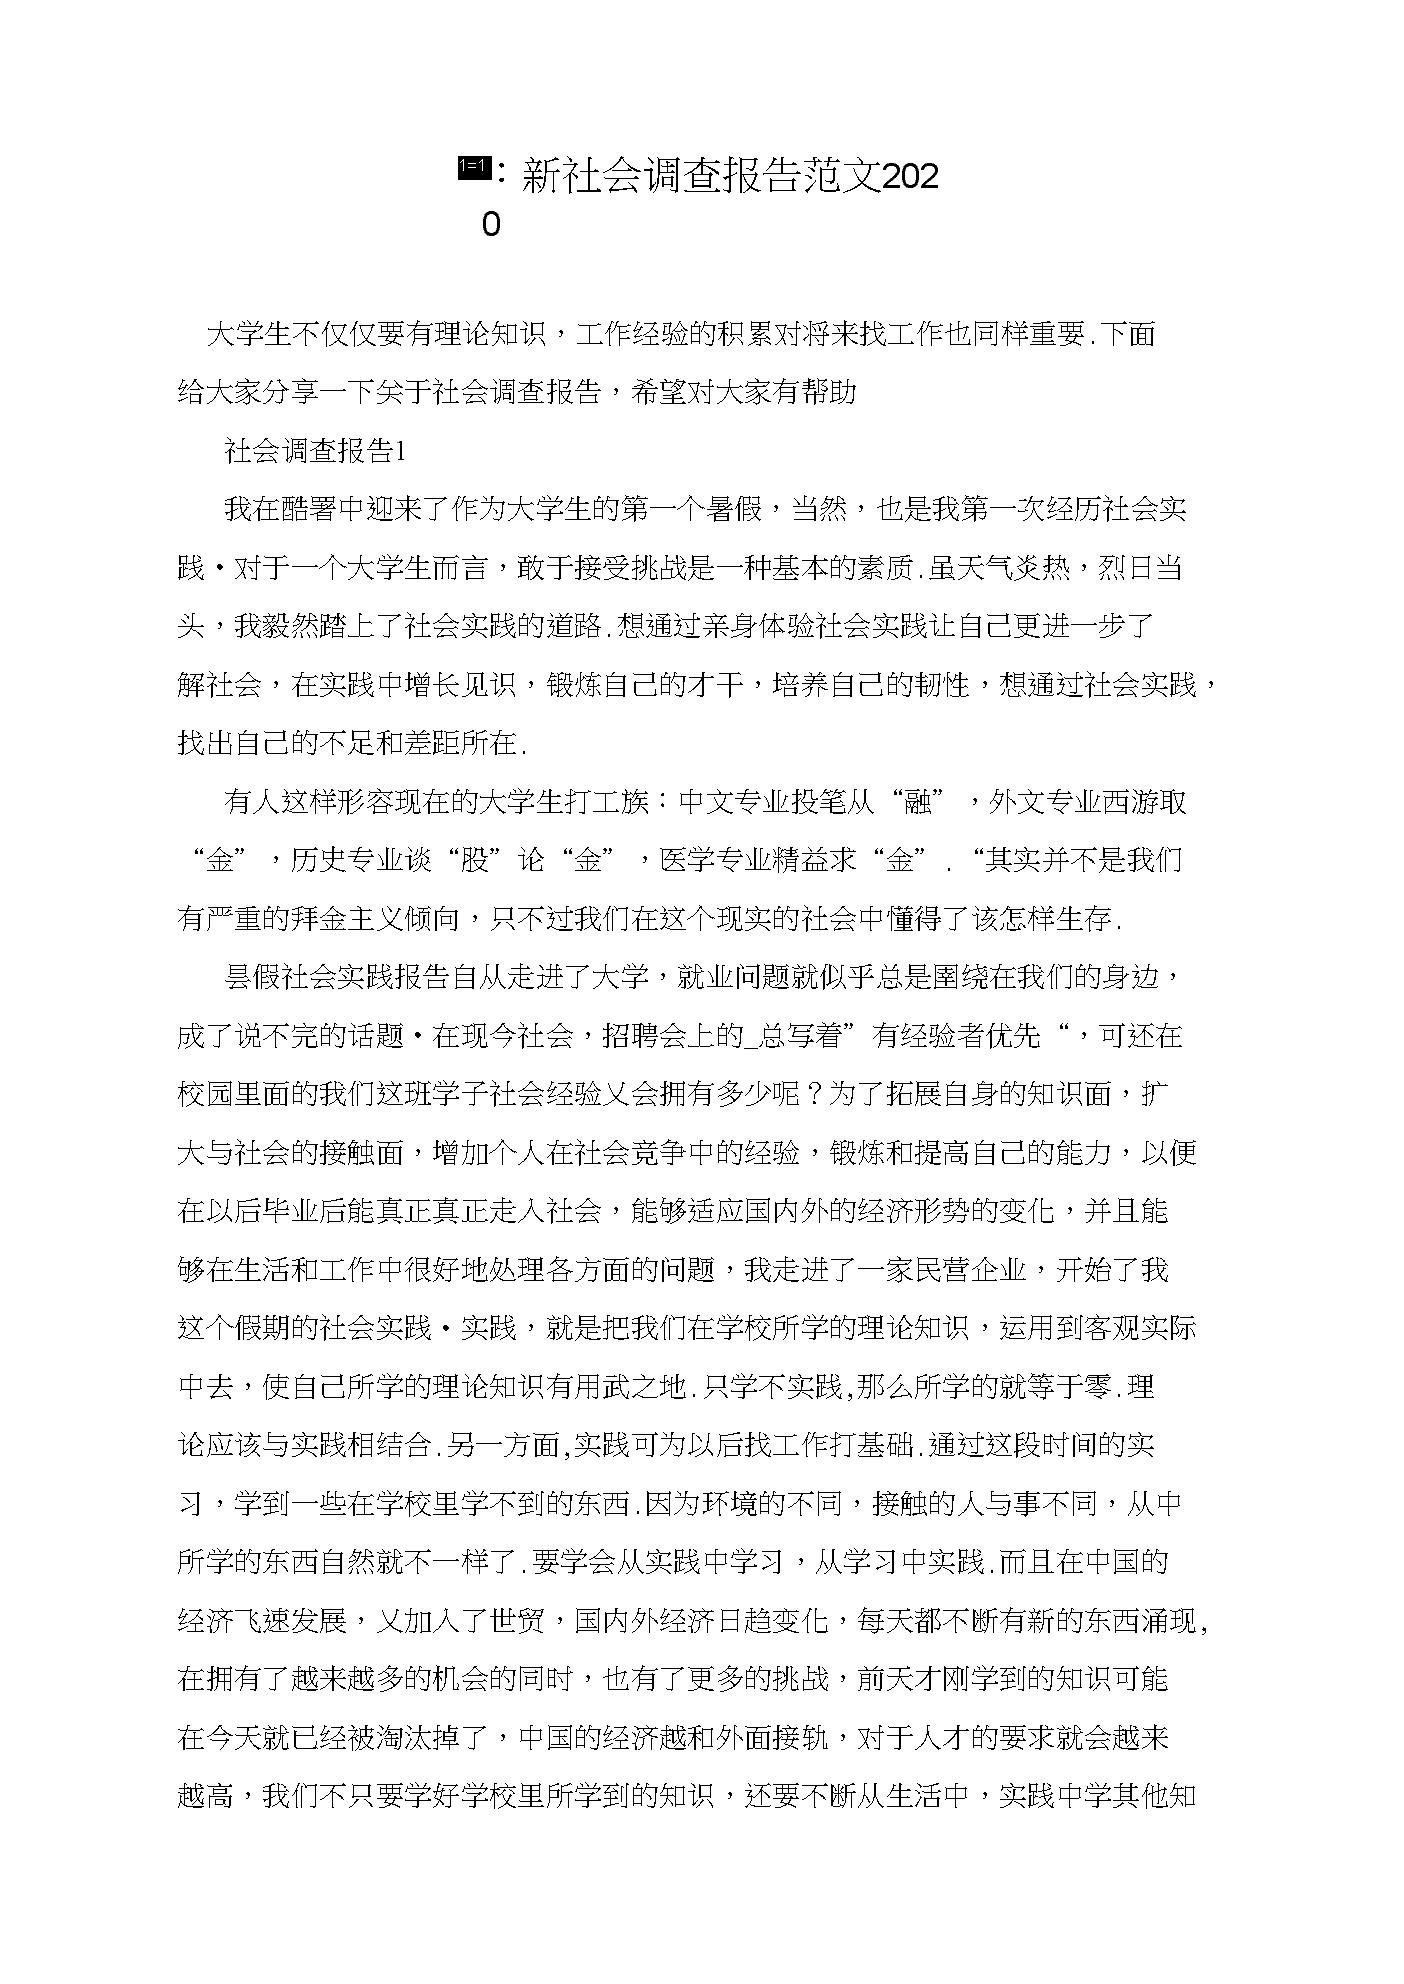 最新社会调查报告范文2020.docx